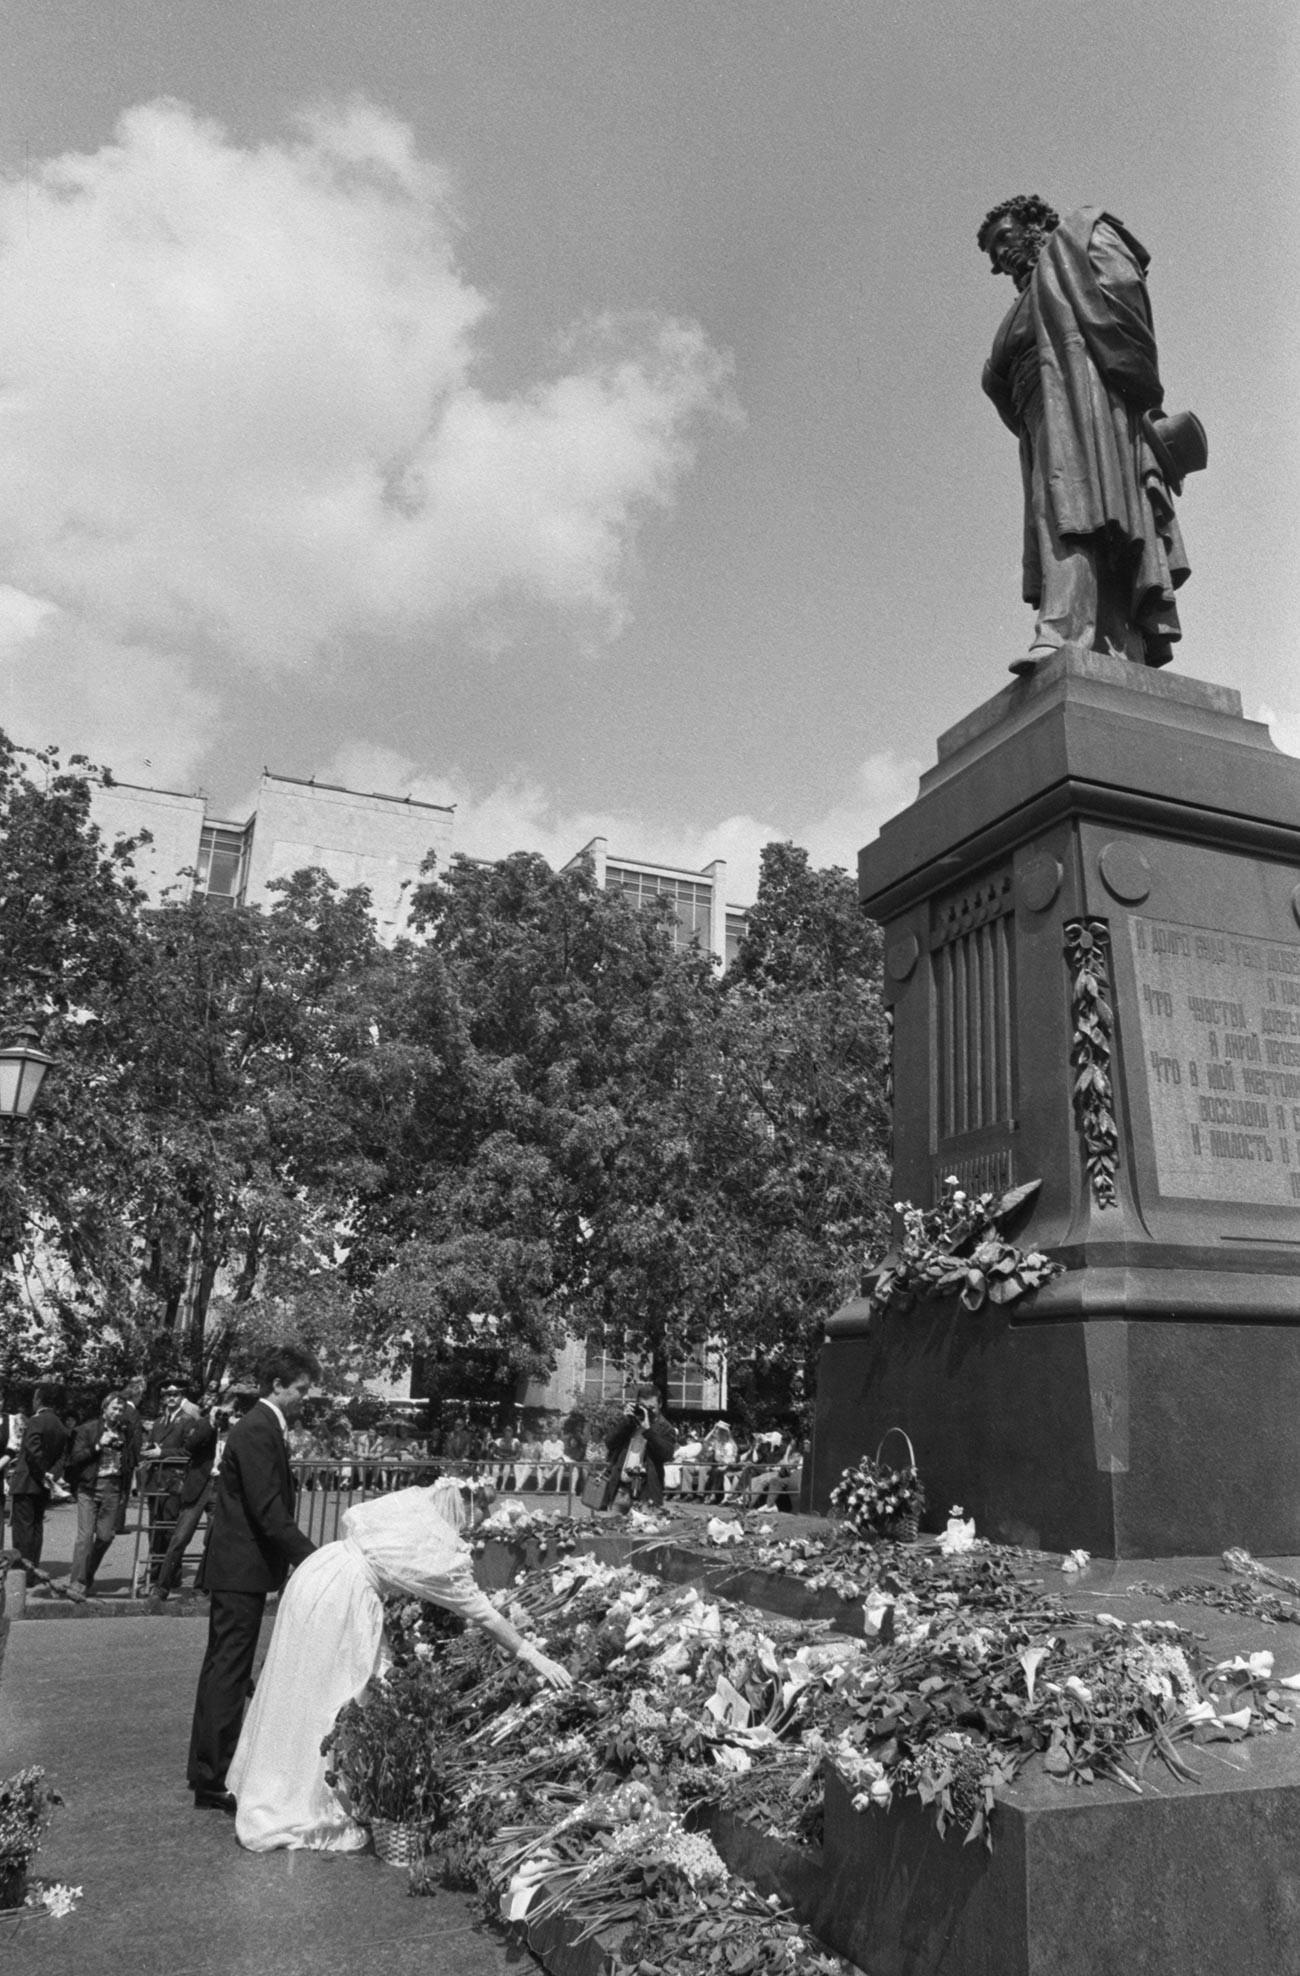 Младоженци по време на полагане на цветя пред паметника на А.С. Пушкин в Москва